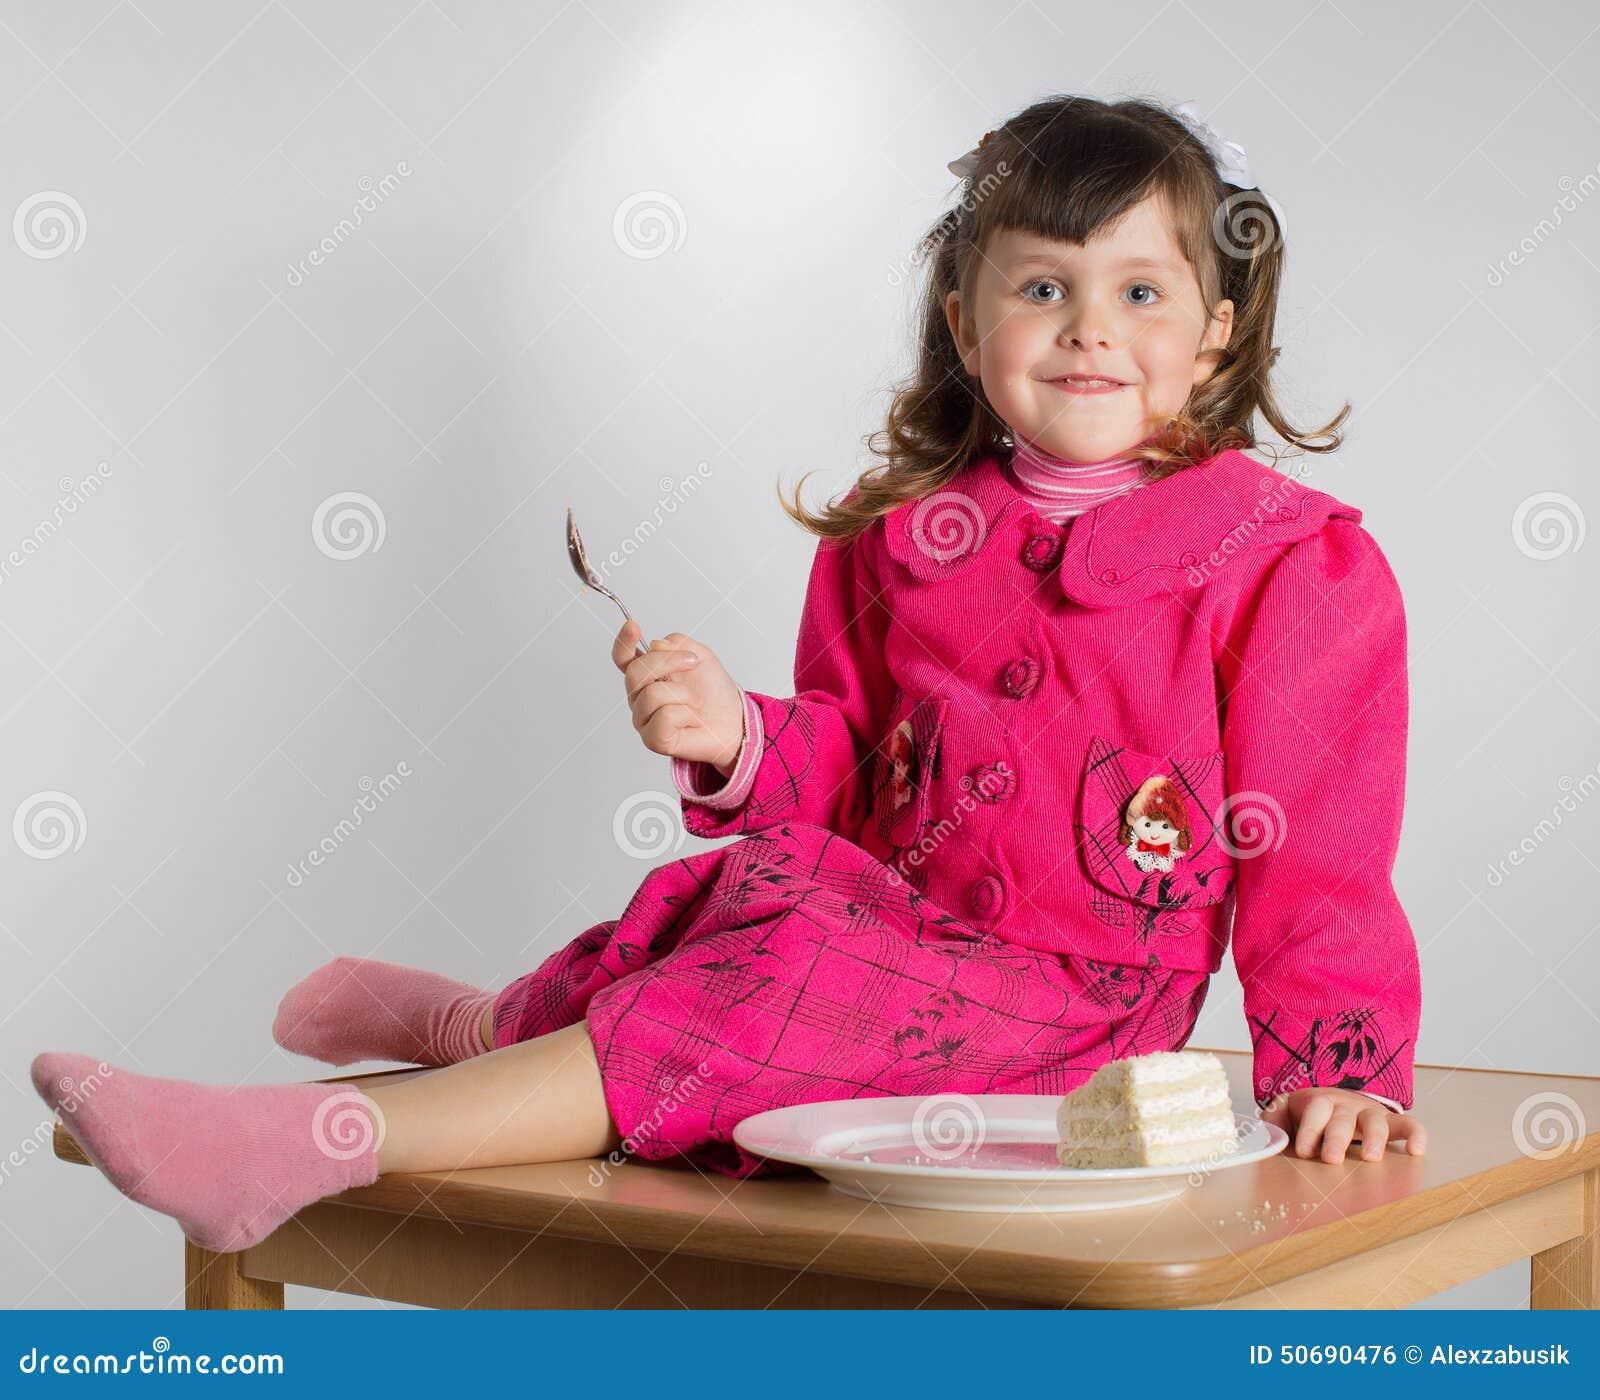 Download 少许吃女孩的点心 库存照片. 图片 包括有 蛋糕, 人员, 子项, 礼服, 白种人, 背包, 实验, 国内 - 50690476